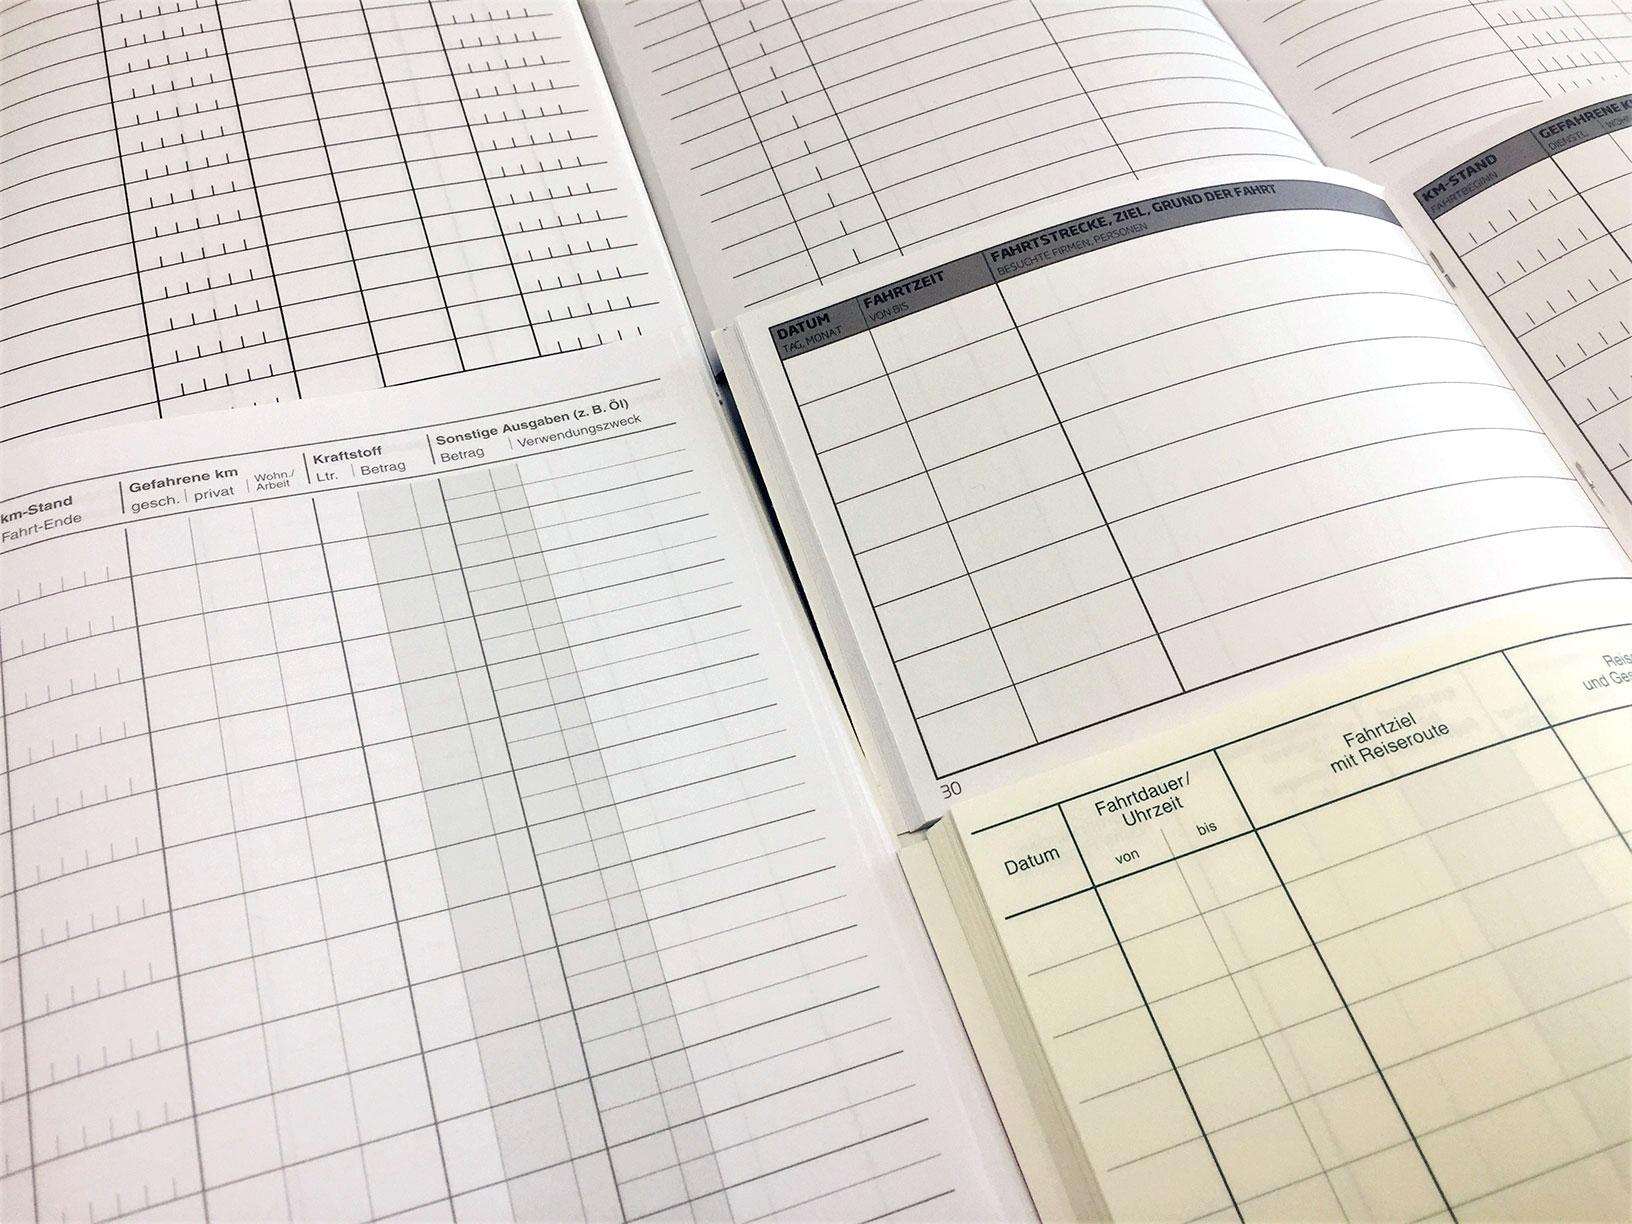 fahrtenbuch vorlage pdf